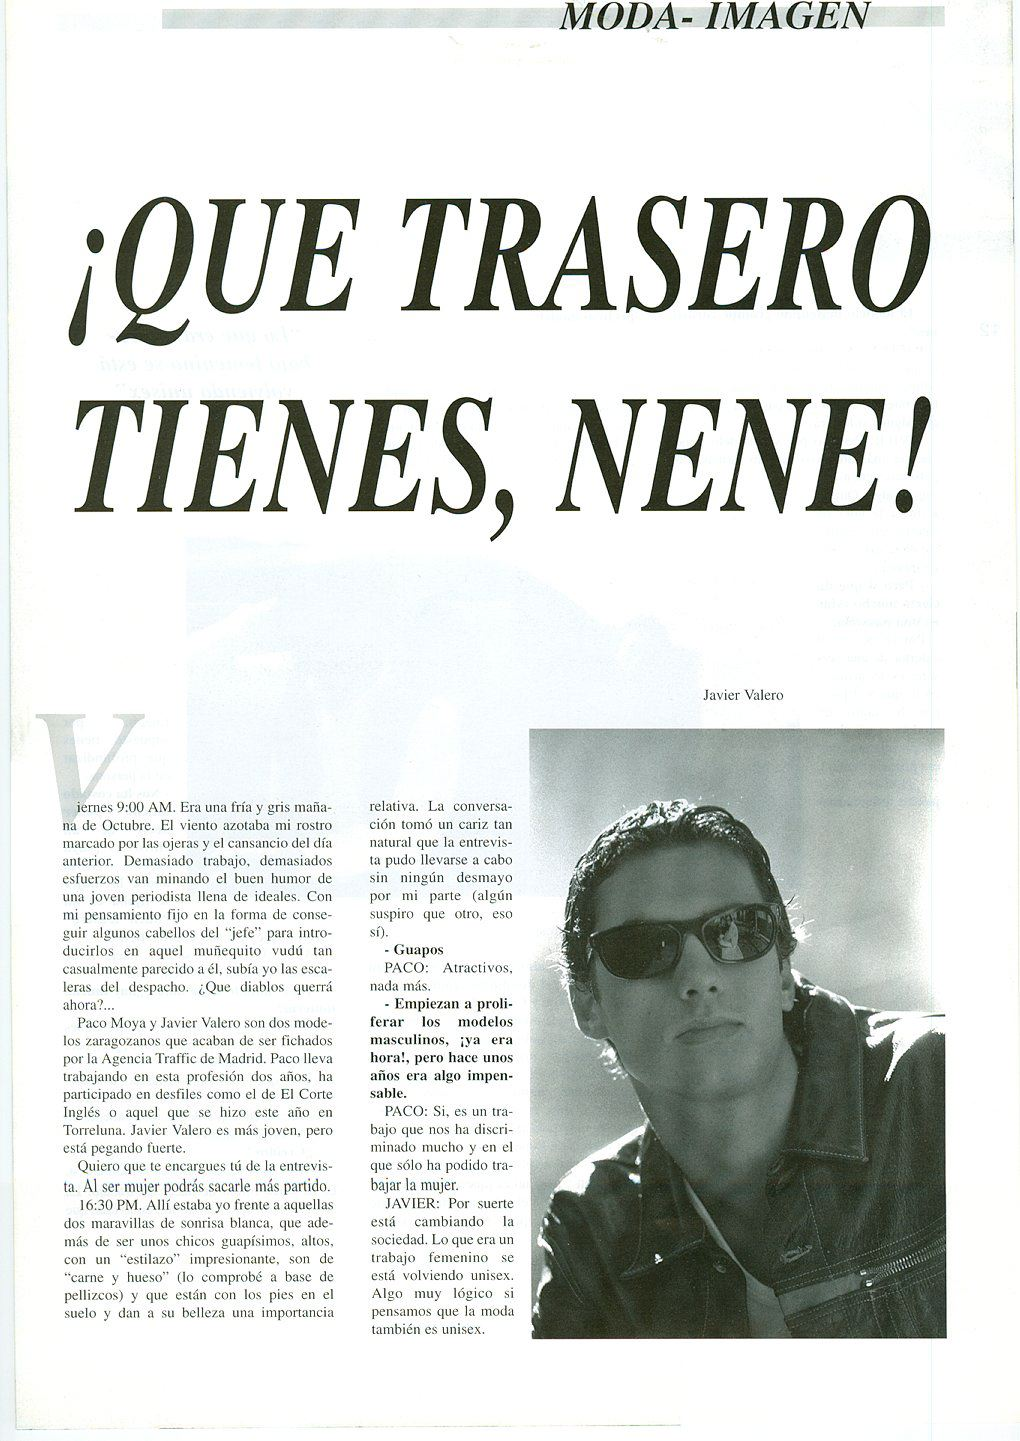 5e1d28aa67e0 Moda: Javier Valero, Paco Moya « Revista Aki Zaragoza 036 « Aki Zaragoza